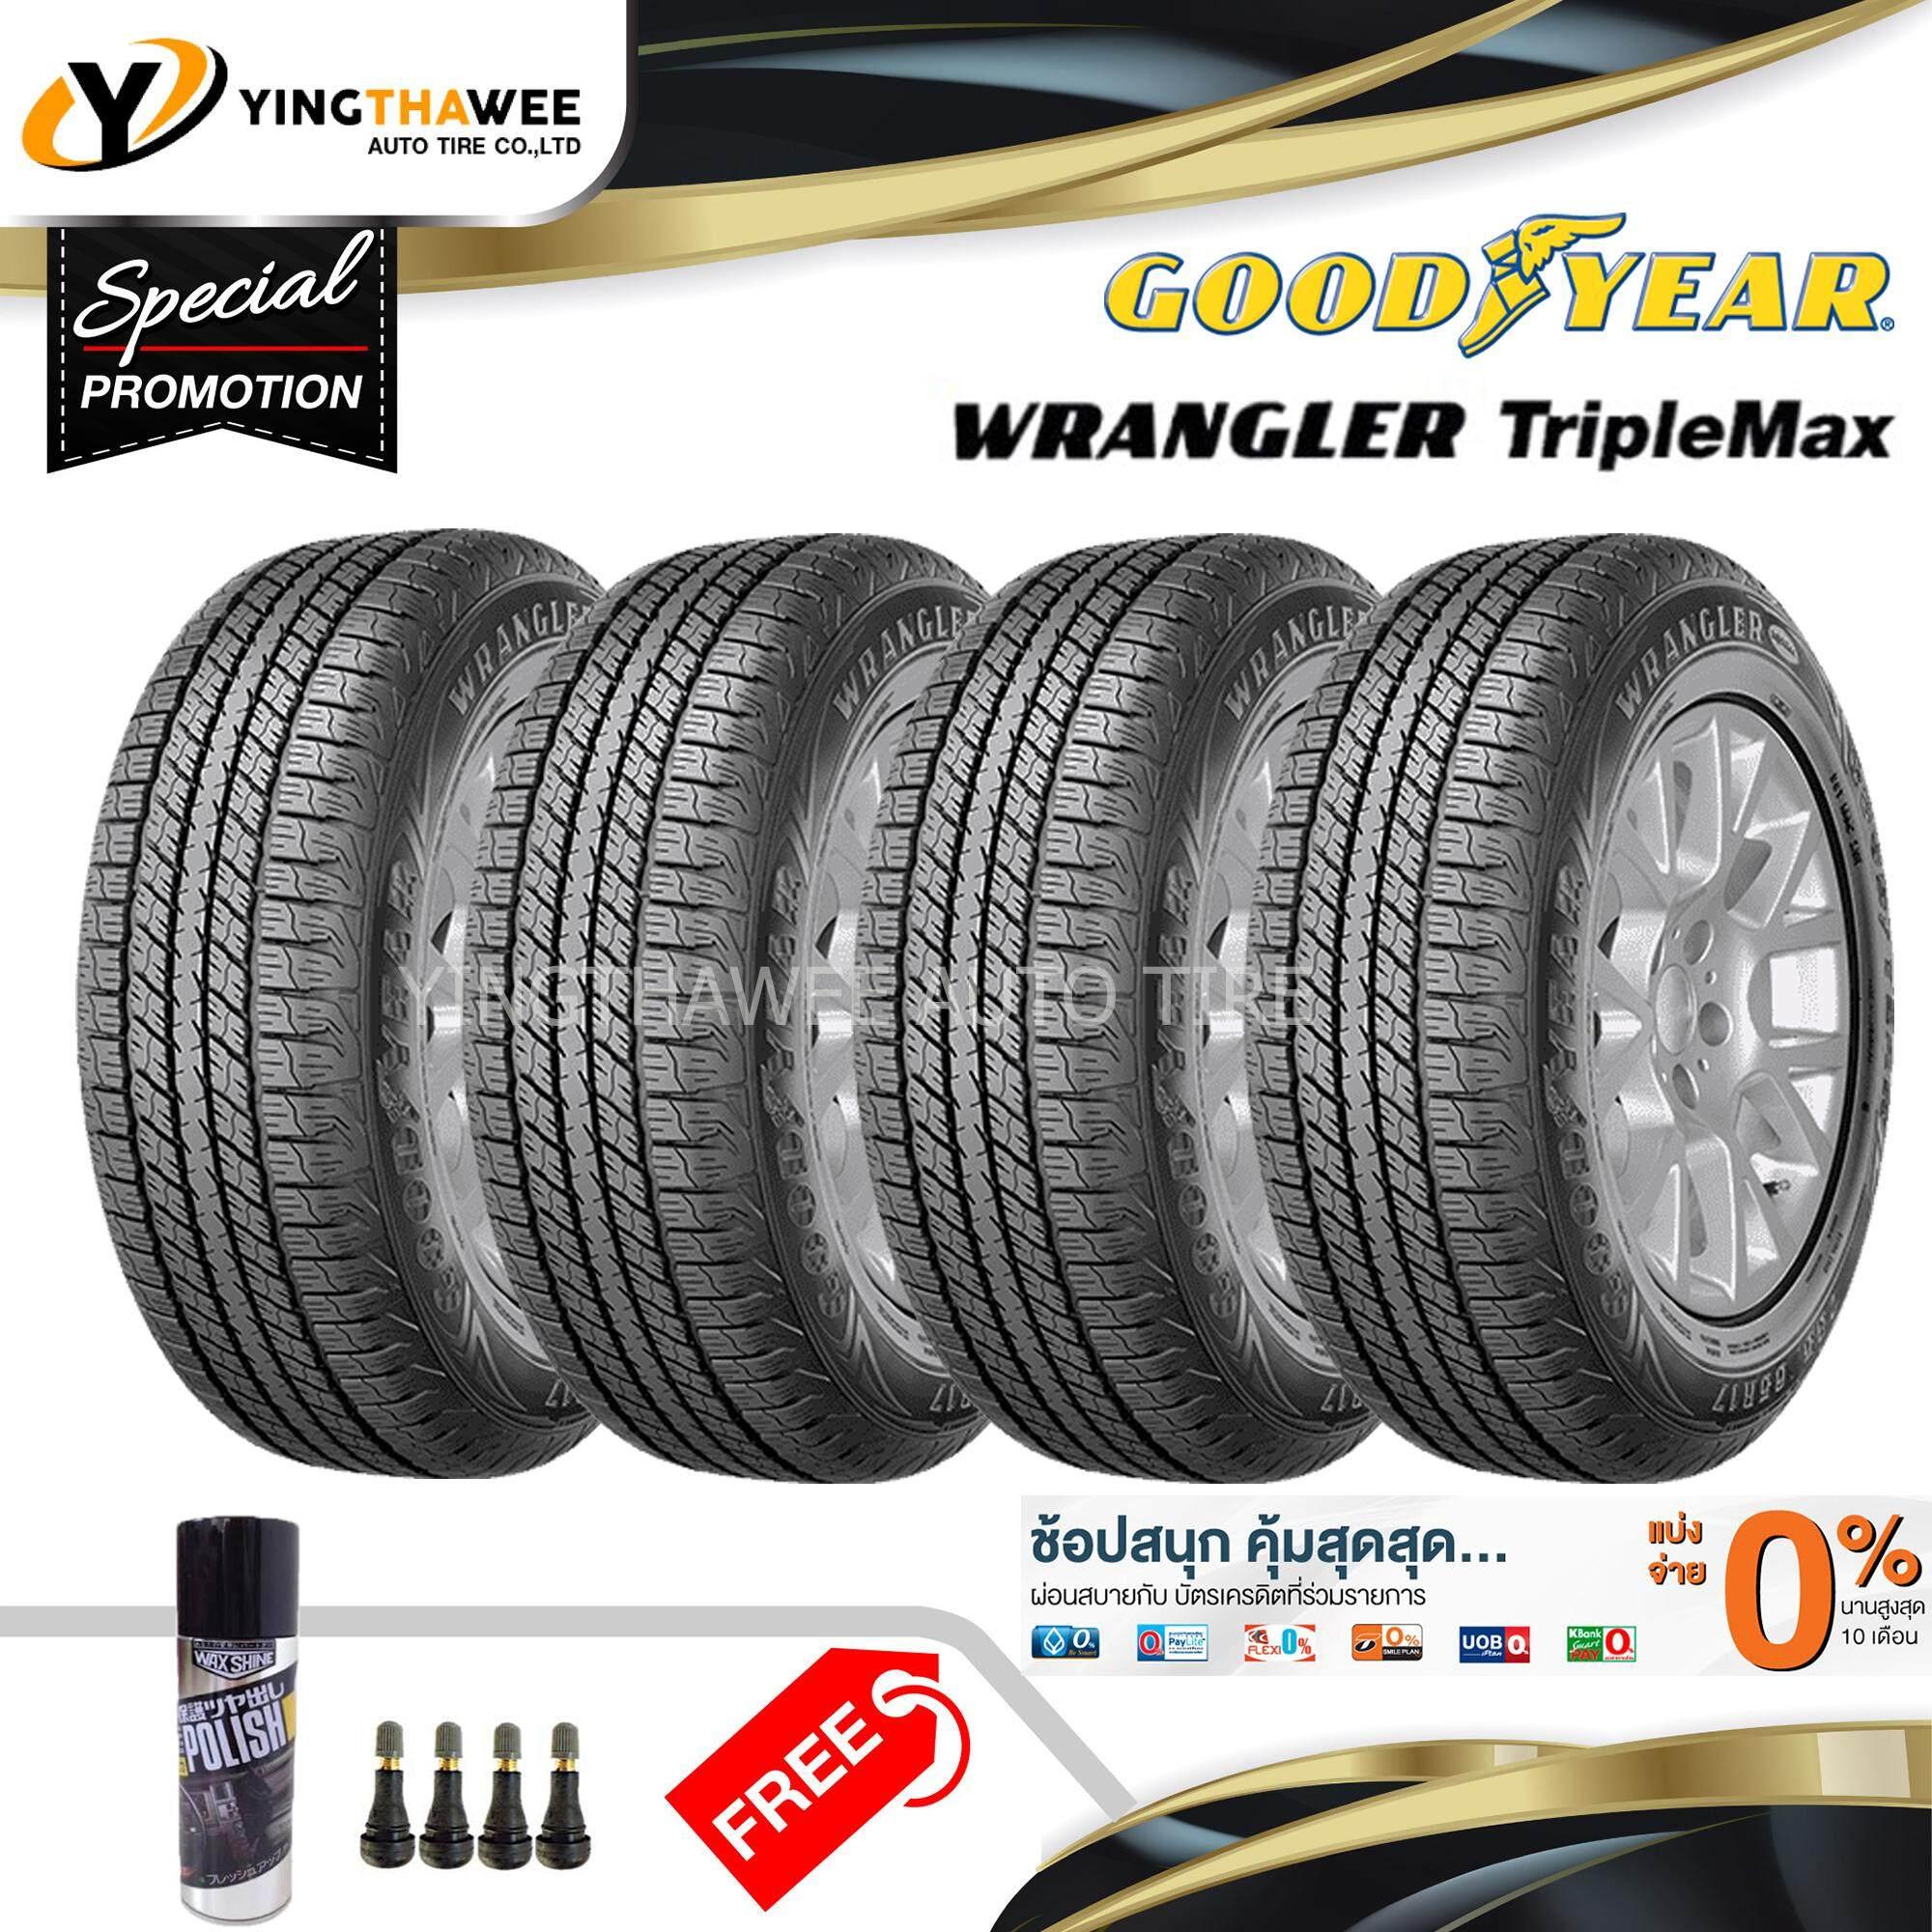 เพชรบุรี GOODYEAR ยางรถยนต์ 265/70R16 รุ่น Wrangler Triplemax 4 เส้น (ปี 2019) (แถม Wax Shine 420 ml. 1 กระป๋อง + จุ๊บลมยางหัวทองเหลือง 4 ตัว) ผ่อน 0% สูงสุด 10 เดือน